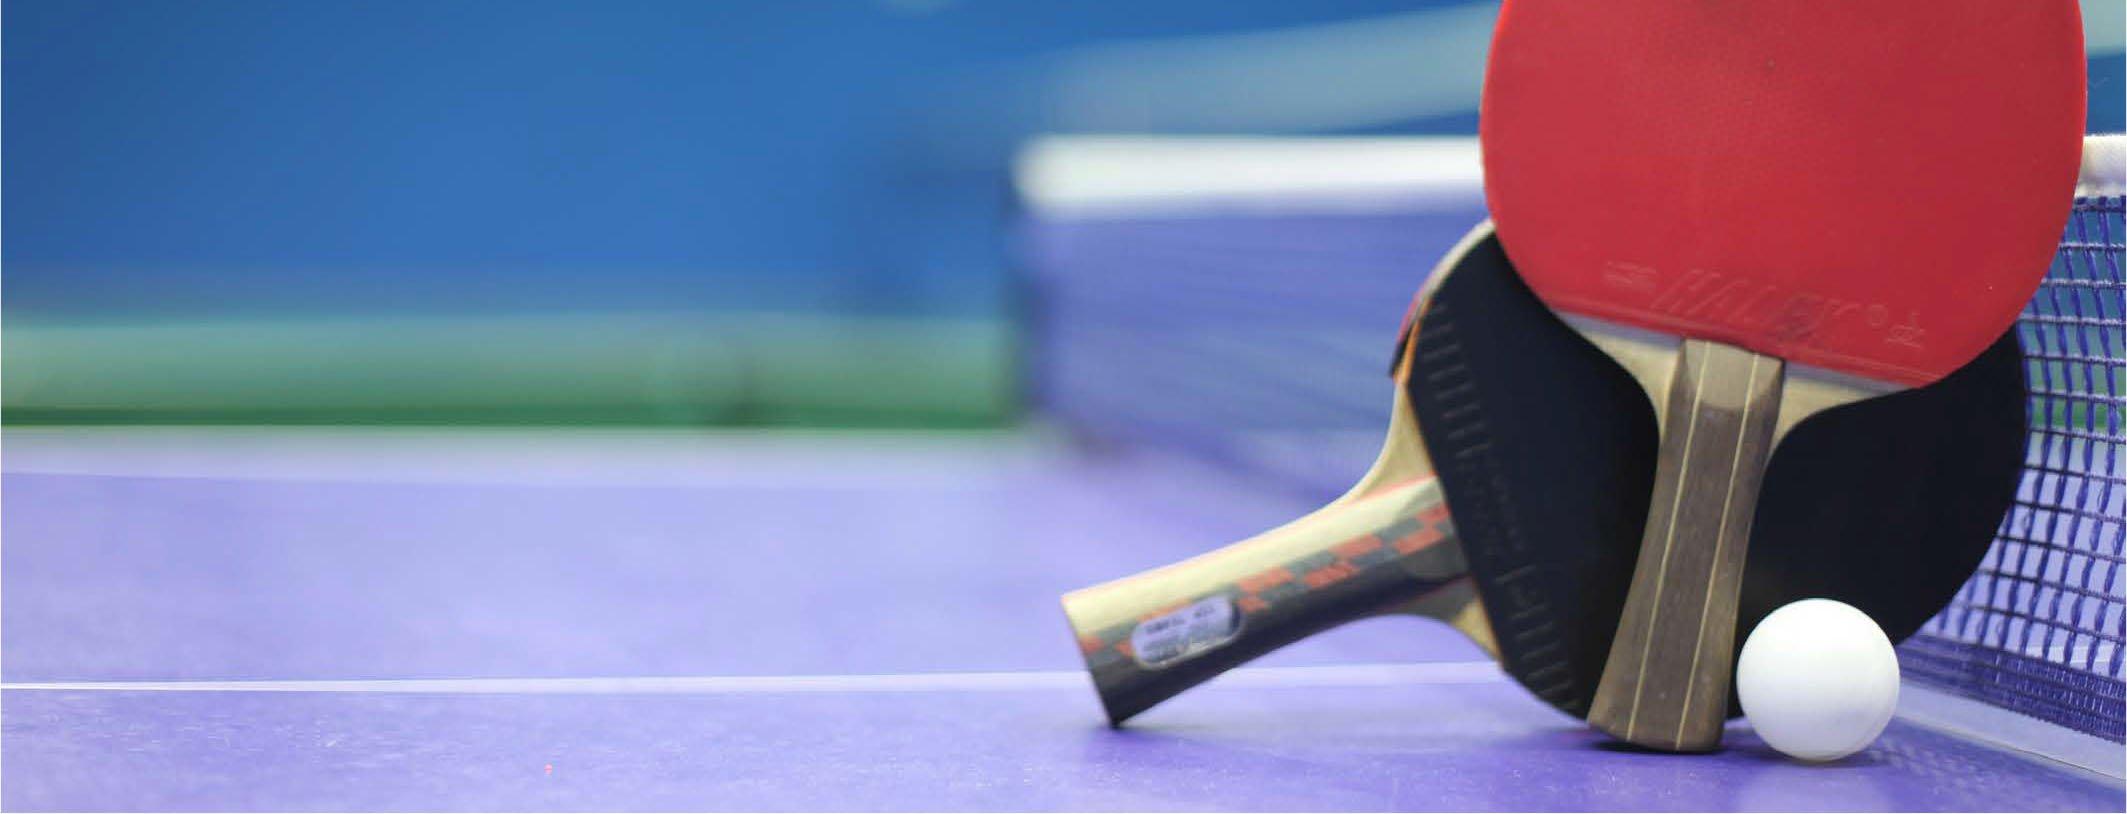 Настольный теннис - изображение